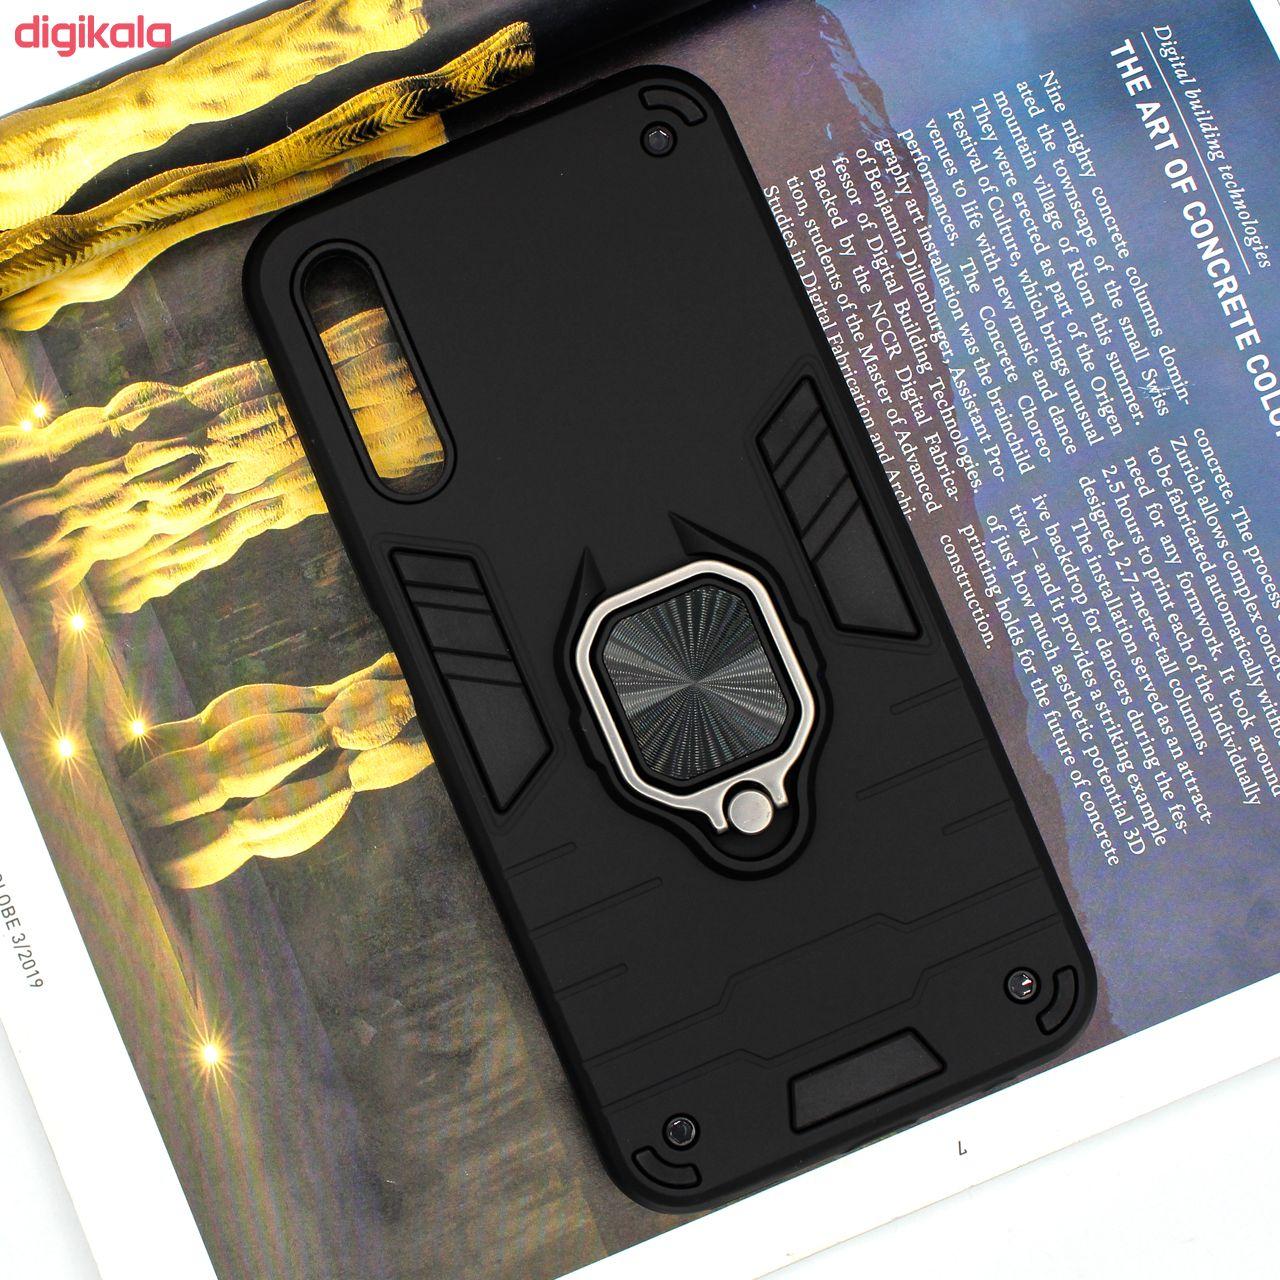 کاور کینگ پاور مدل ASH22 مناسب برای گوشی موبایل هوآوی Y9s main 1 9